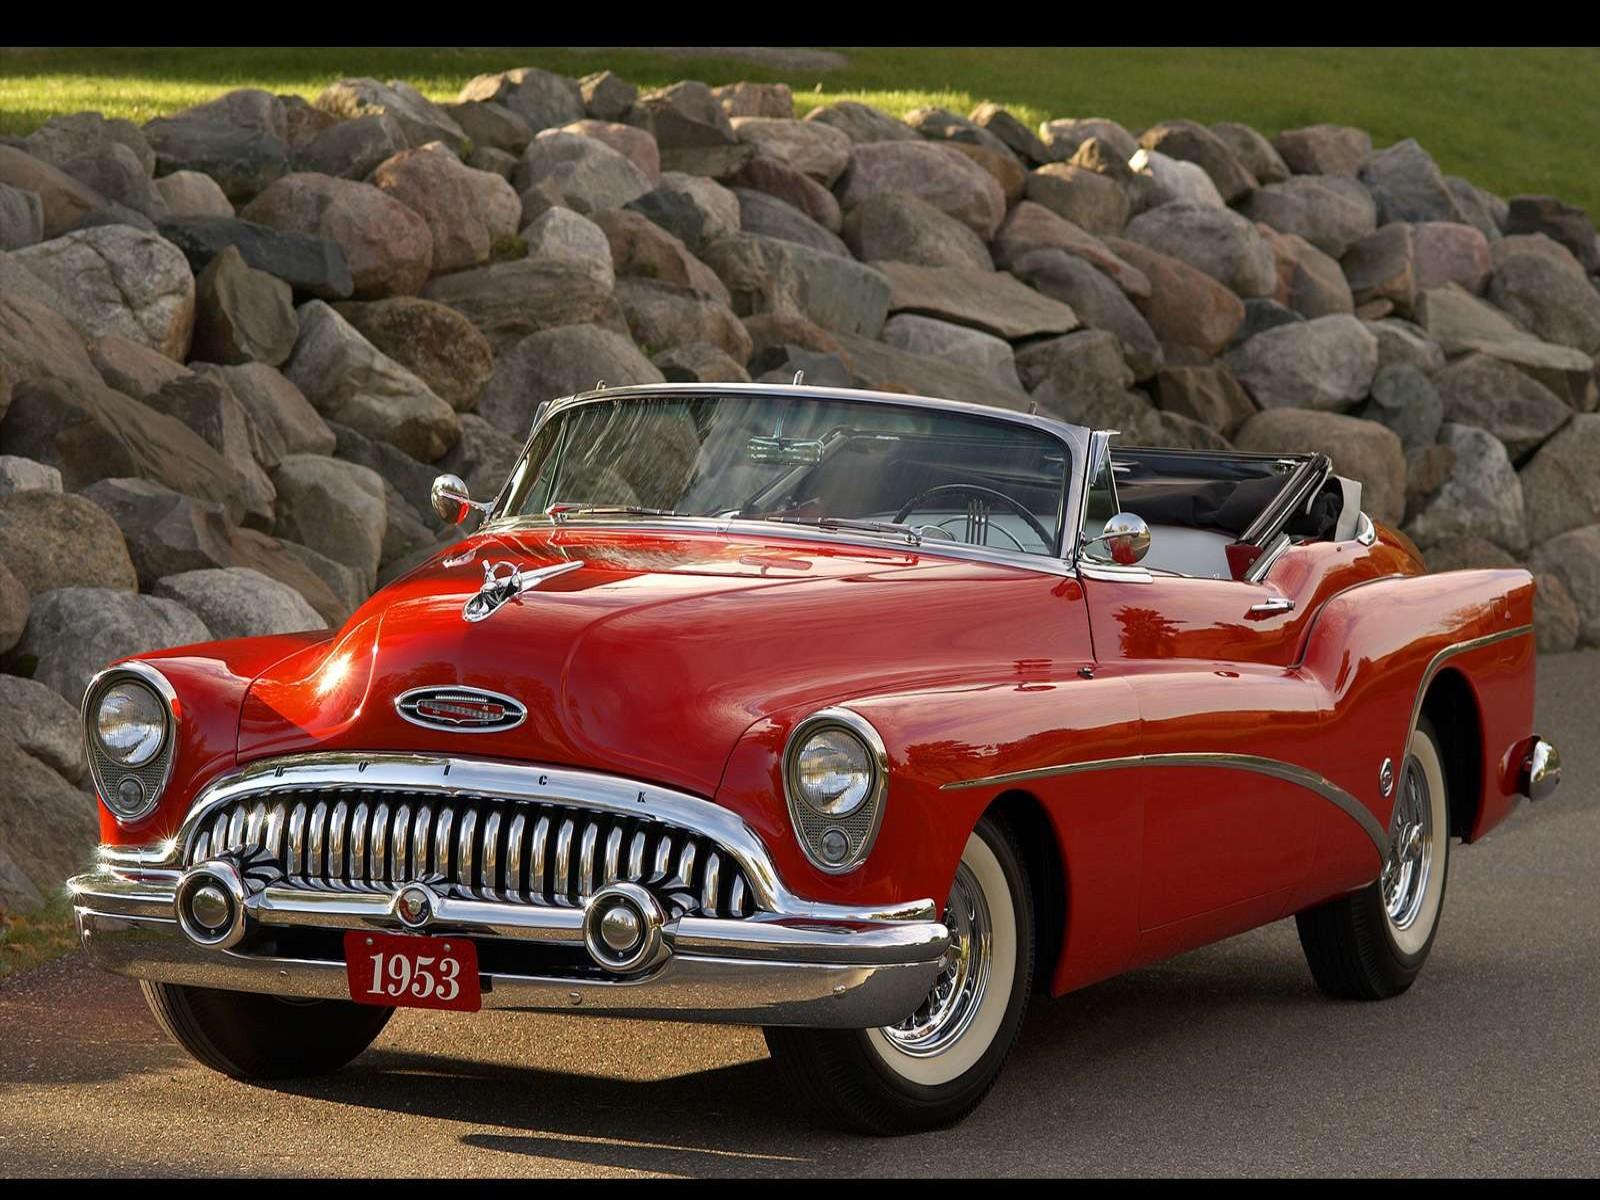 http://2.bp.blogspot.com/-1aa4YPi63eM/TqHLFh51V9I/AAAAAAAAAW4/mRkfg_VJ2ZE/s1600/Buick+Skylark+1953.jpg